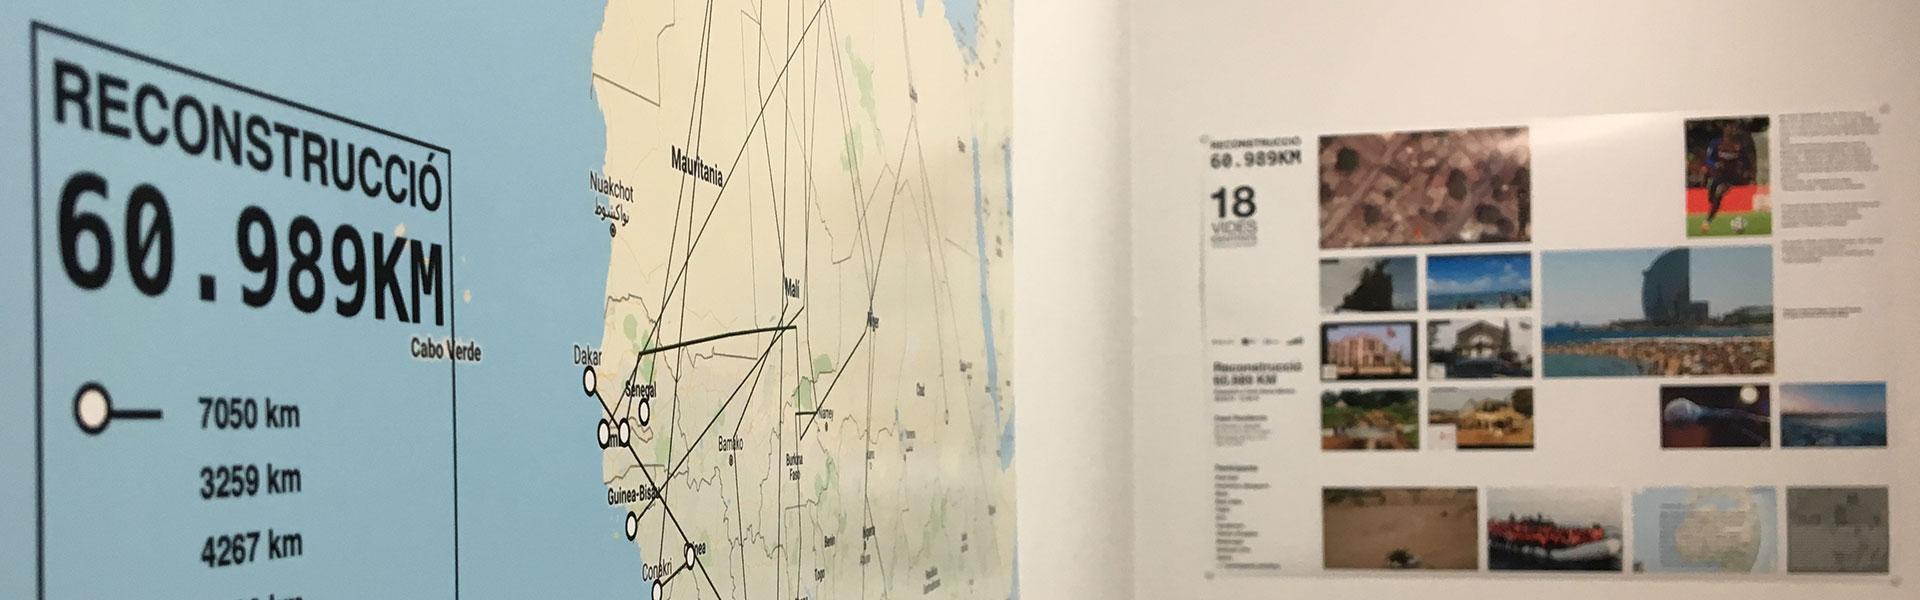 Reconstrucción. 60.989 km. Exposición en el IEFC